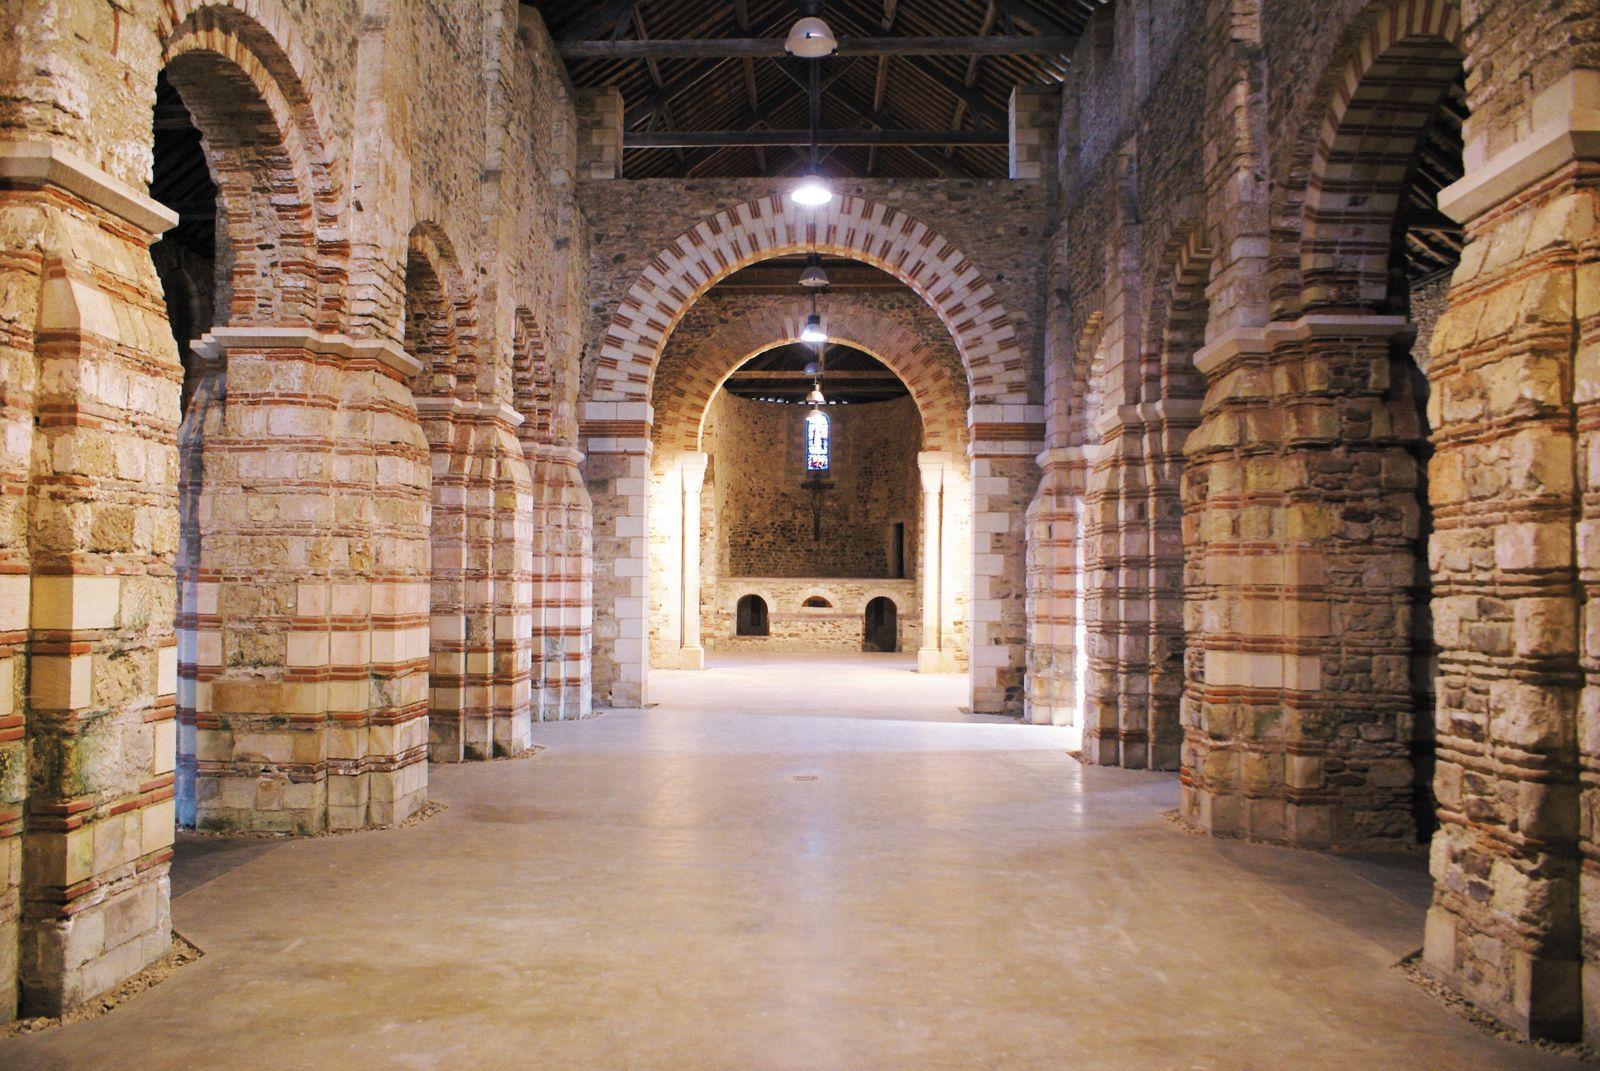 St-Philbert-De-Grandlieu Abbey